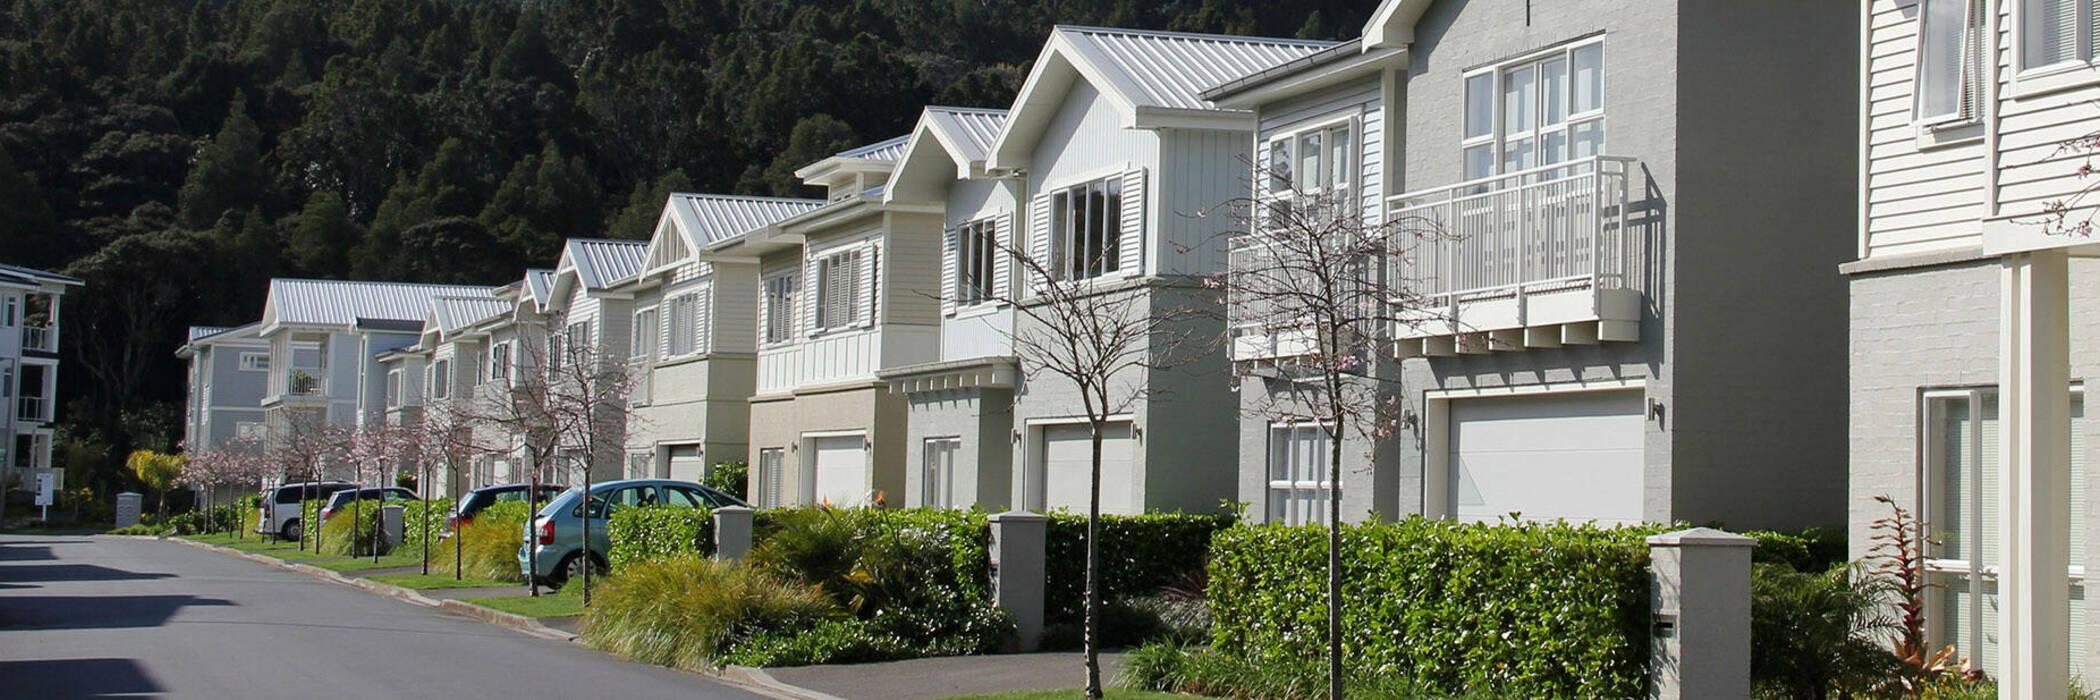 Rental properties